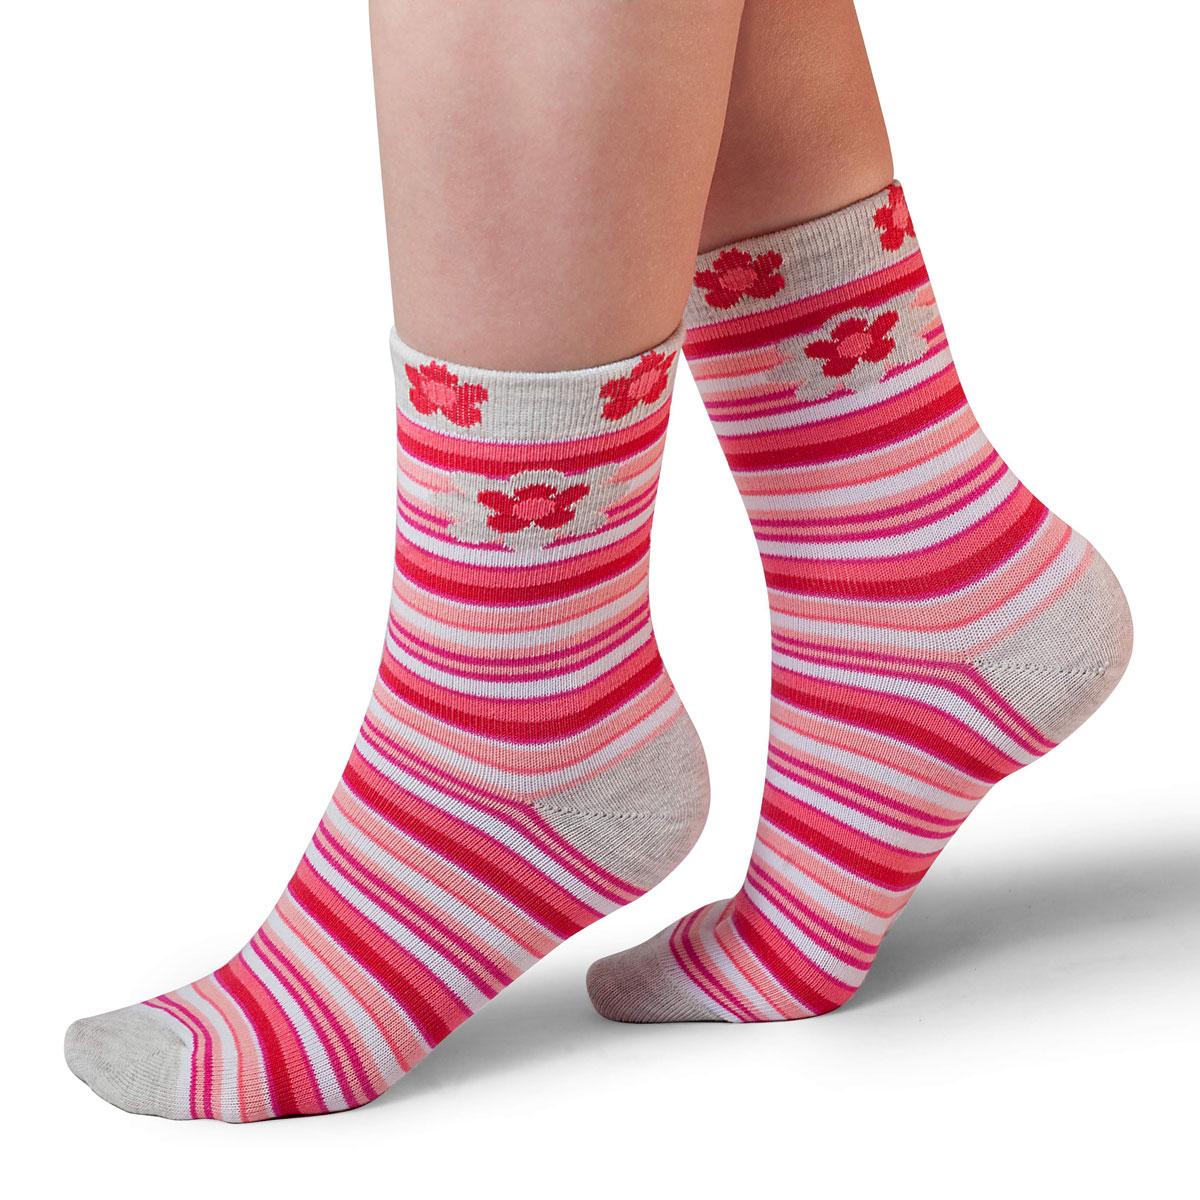 Носки для девочки Idilio, цвет: белый, коралловый. SG09. Размер 30/32SG09Комфортные носки для девочек с добавлением экологически чистого хлопка, изготовленные без применения химических красителей.